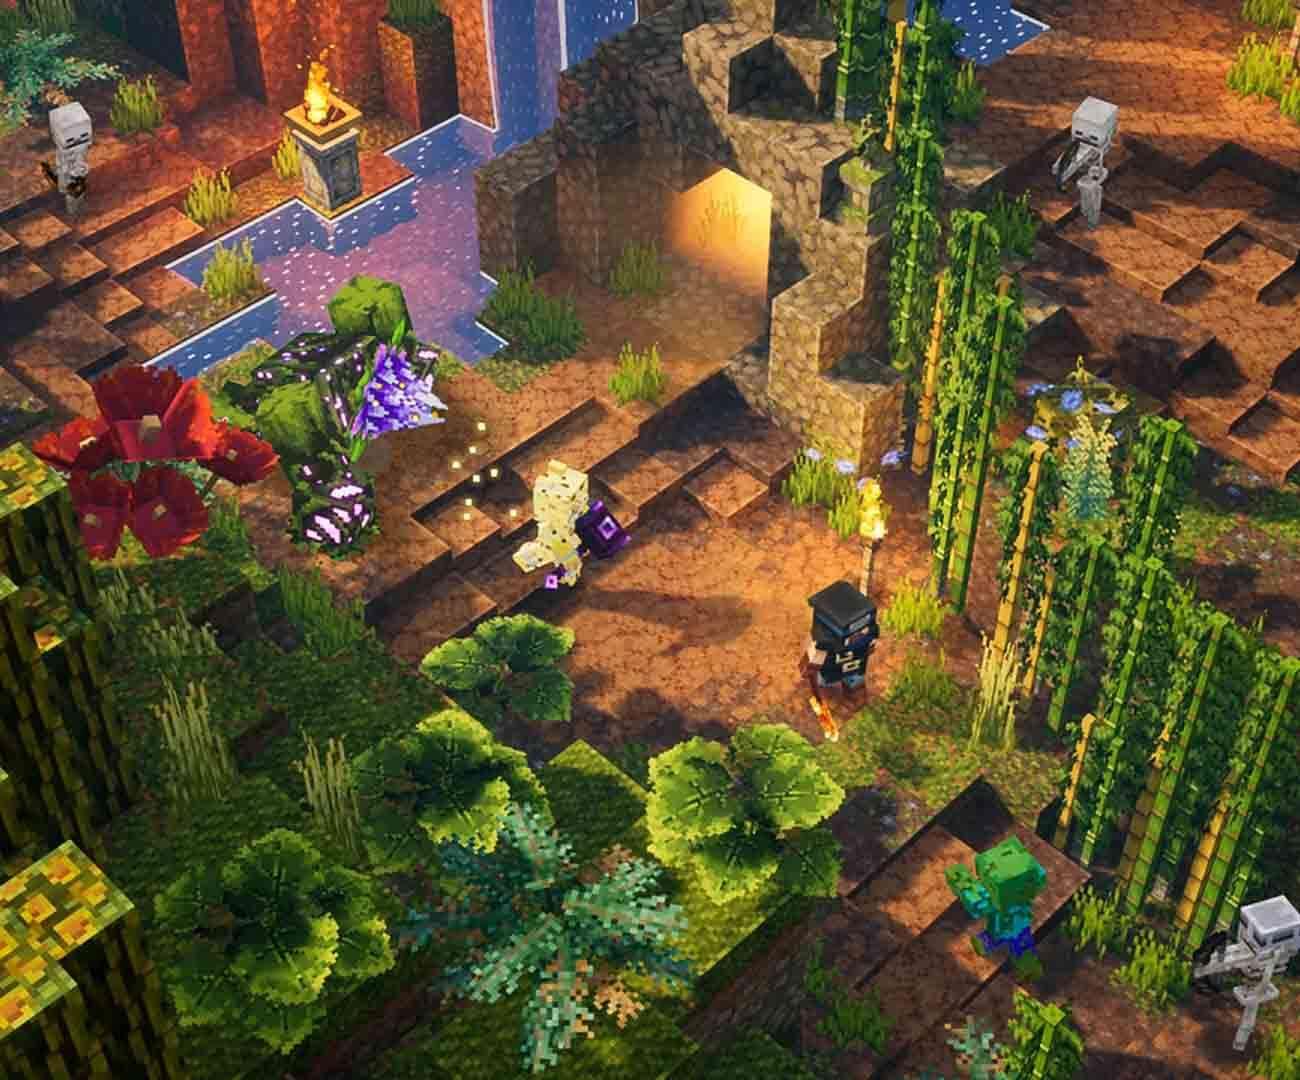 minecraft dlc, minecraft dungeons dlc